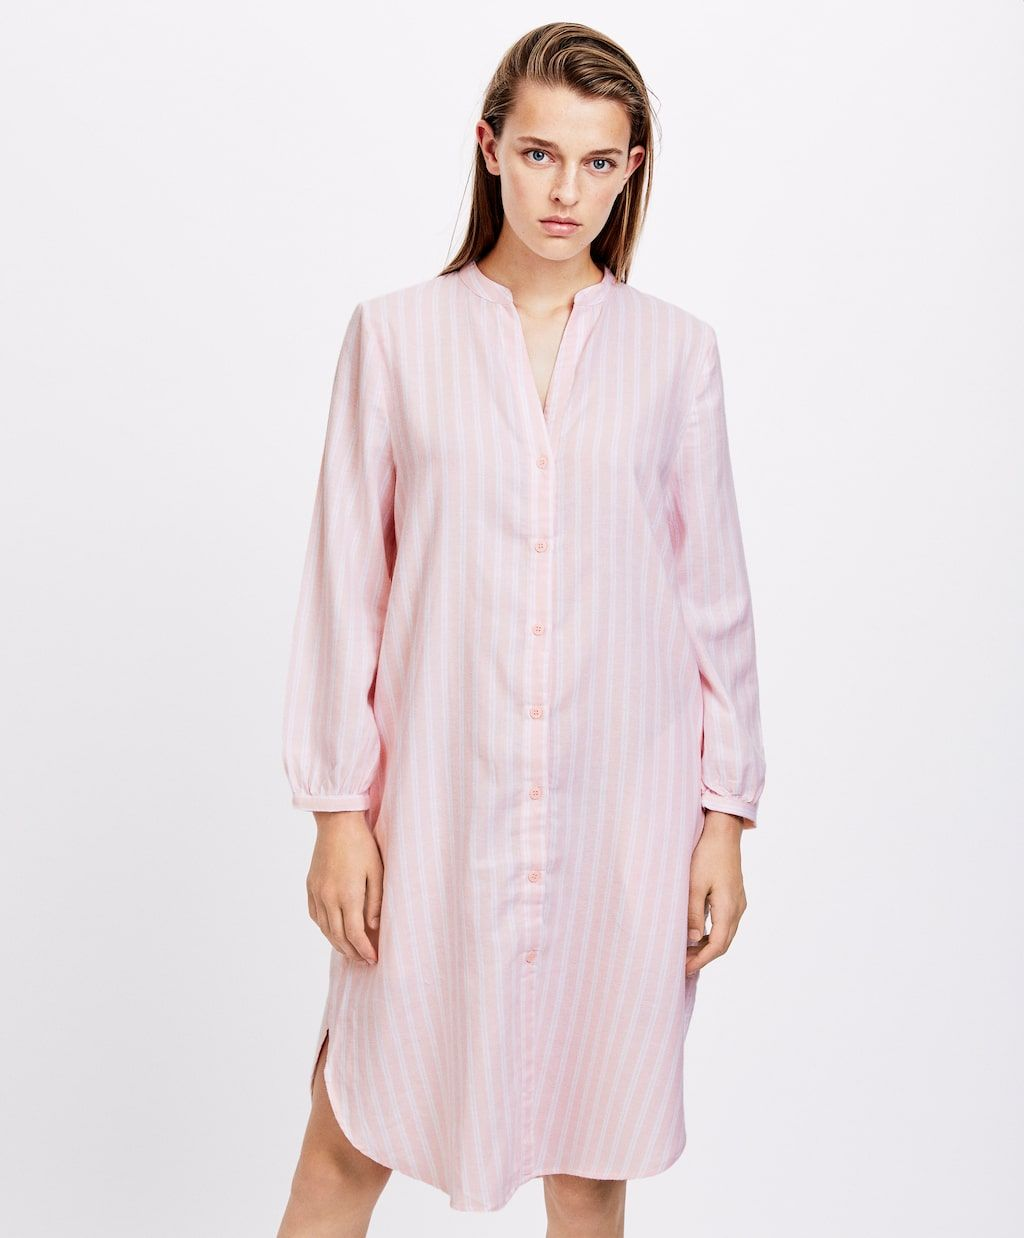 100% autentico 9b0dc 60669 Camicia da notte rosa a righe - Camicie da notte e tute ...